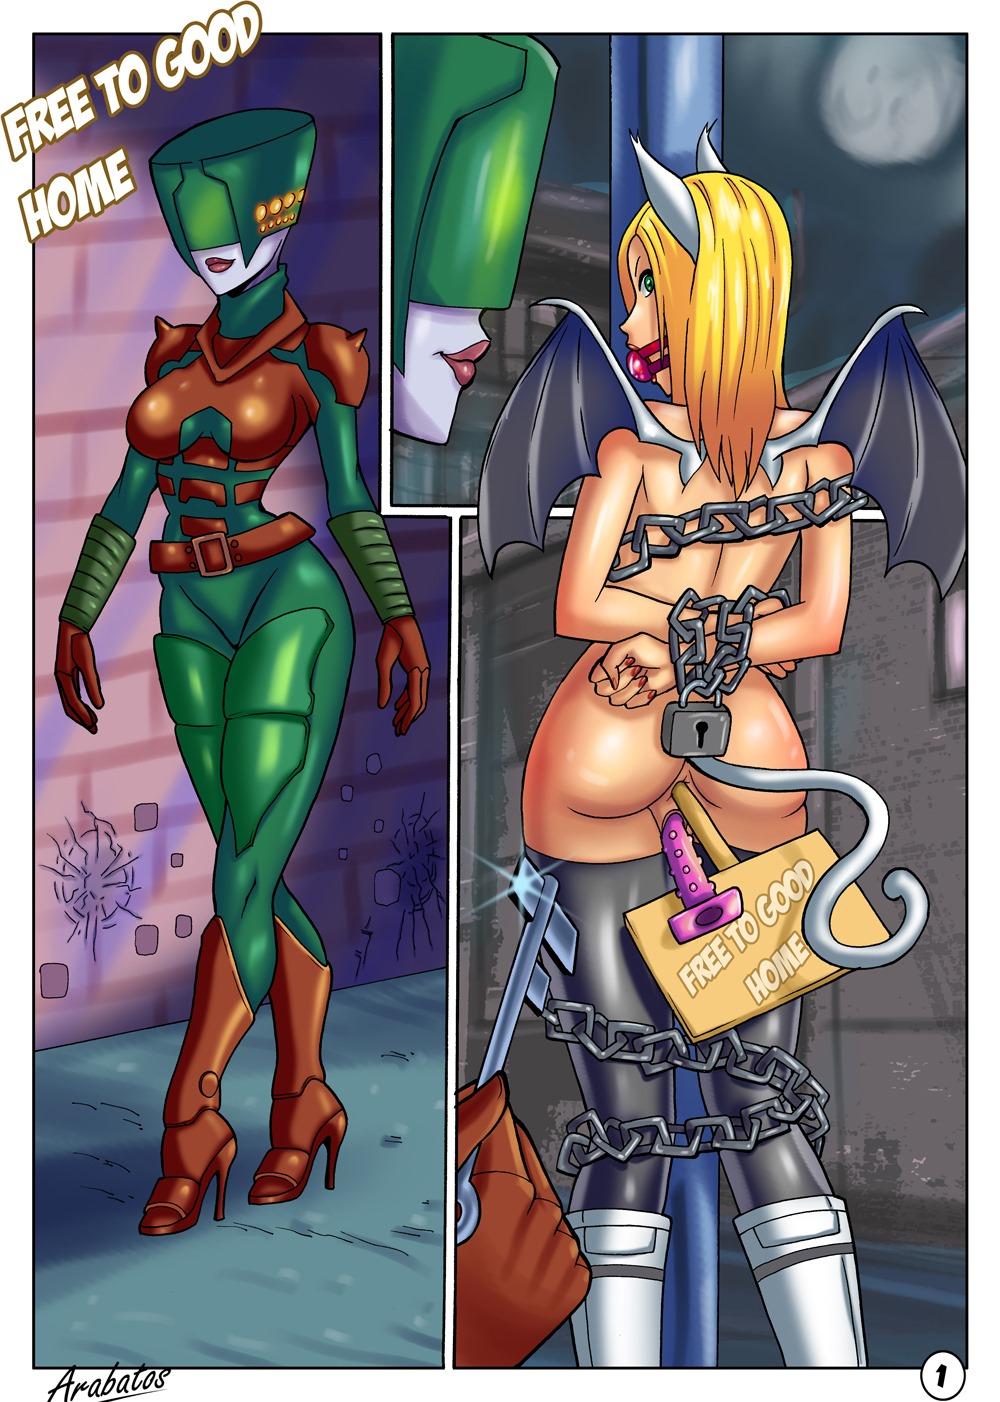 Porn Comics - Free to Good Home- Arabatos porn comics 8 muses